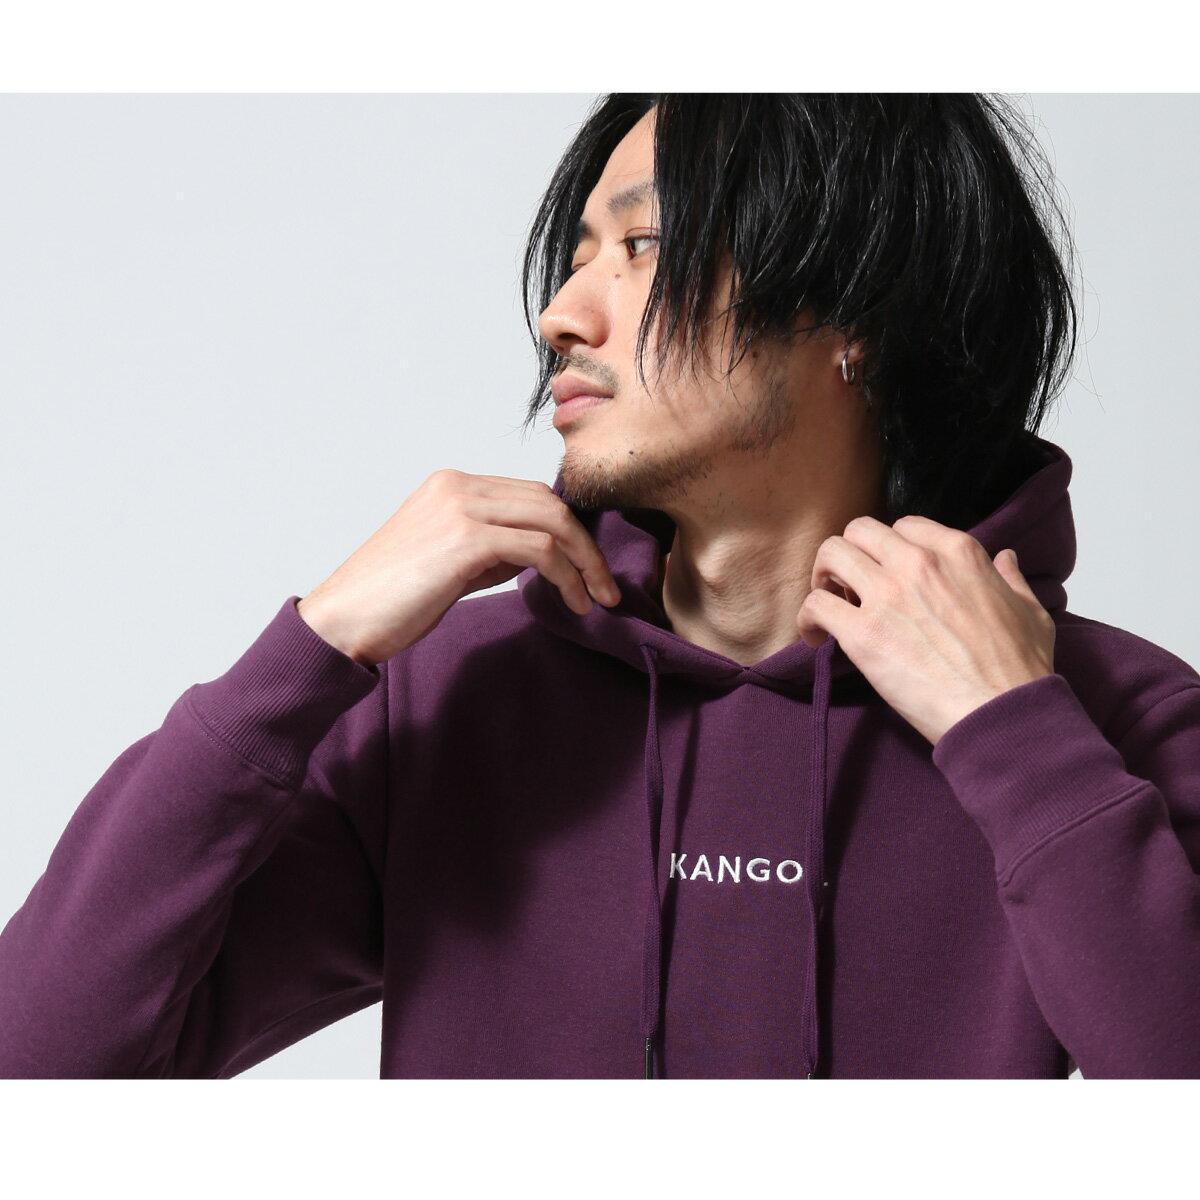 素色帽T KANGOL聯名款  MF這樣變型男特別曝光款 7